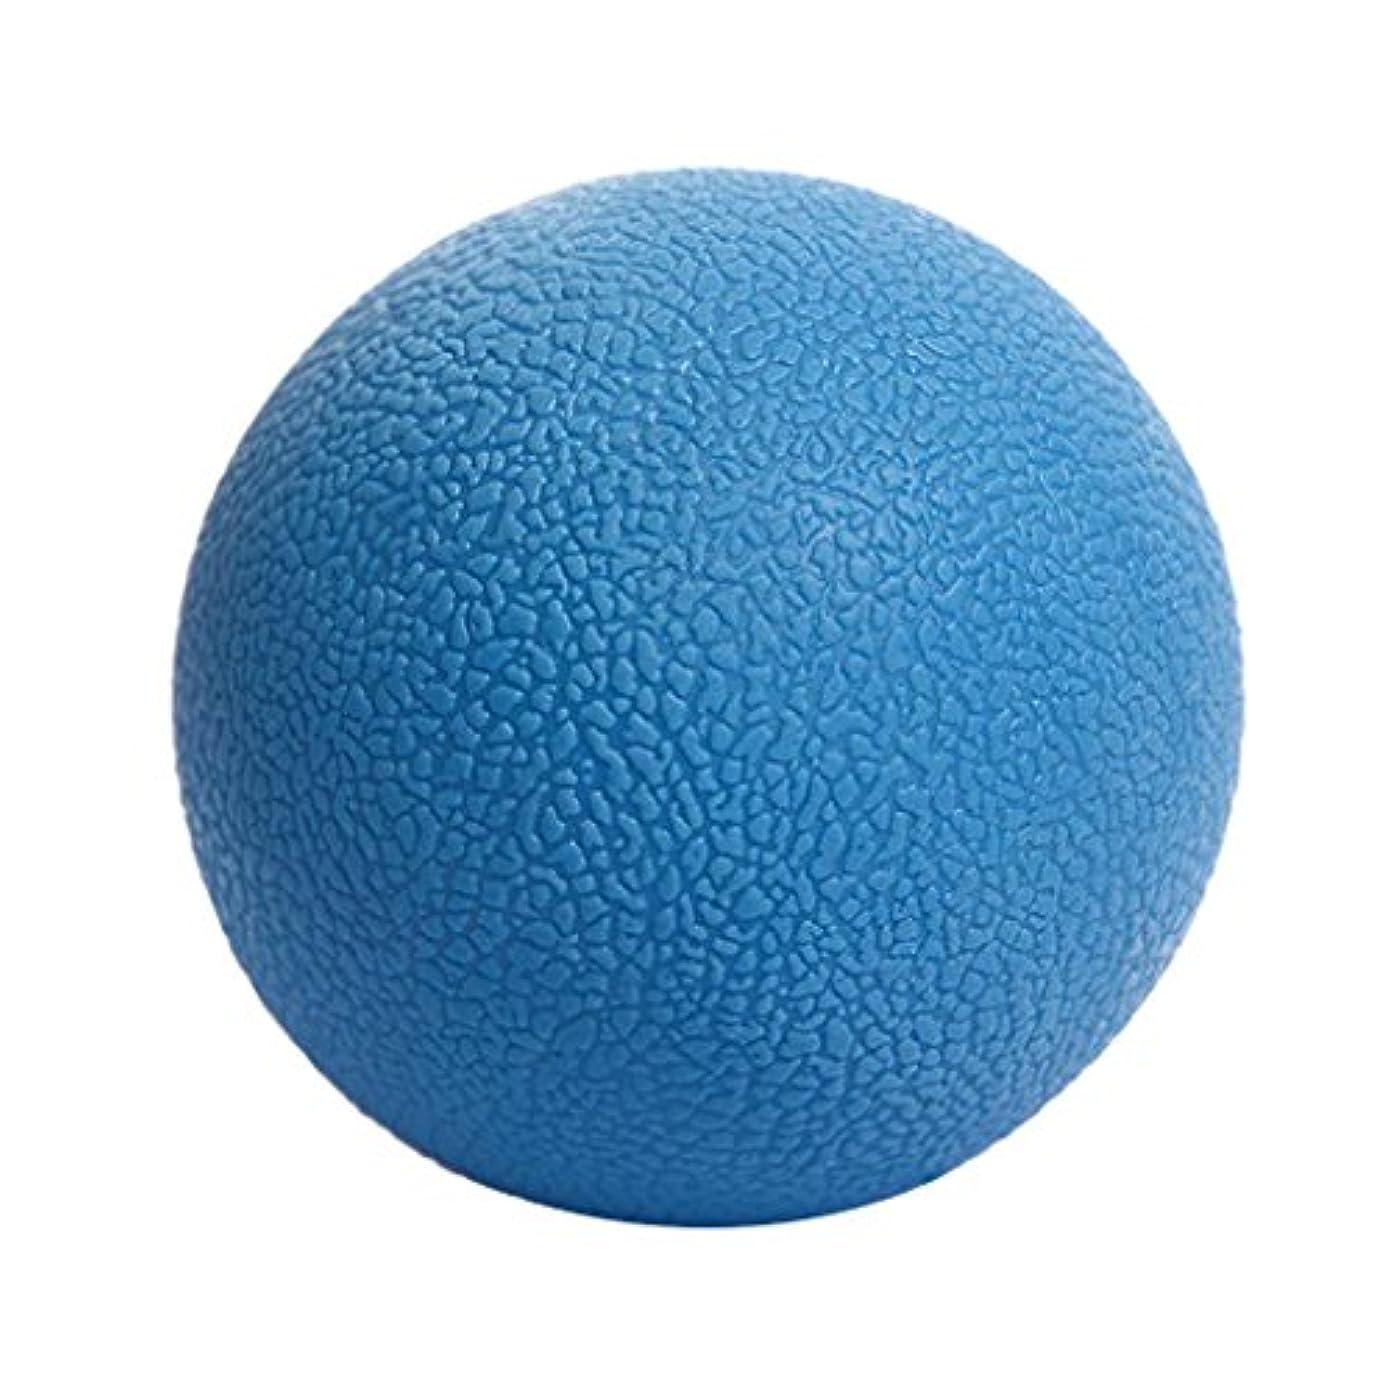 ボンド協力大邸宅マッサージボール ボディーマッサージ 便利 TPE ヨガ ピラティス 4色選べる - 青, 説明したように